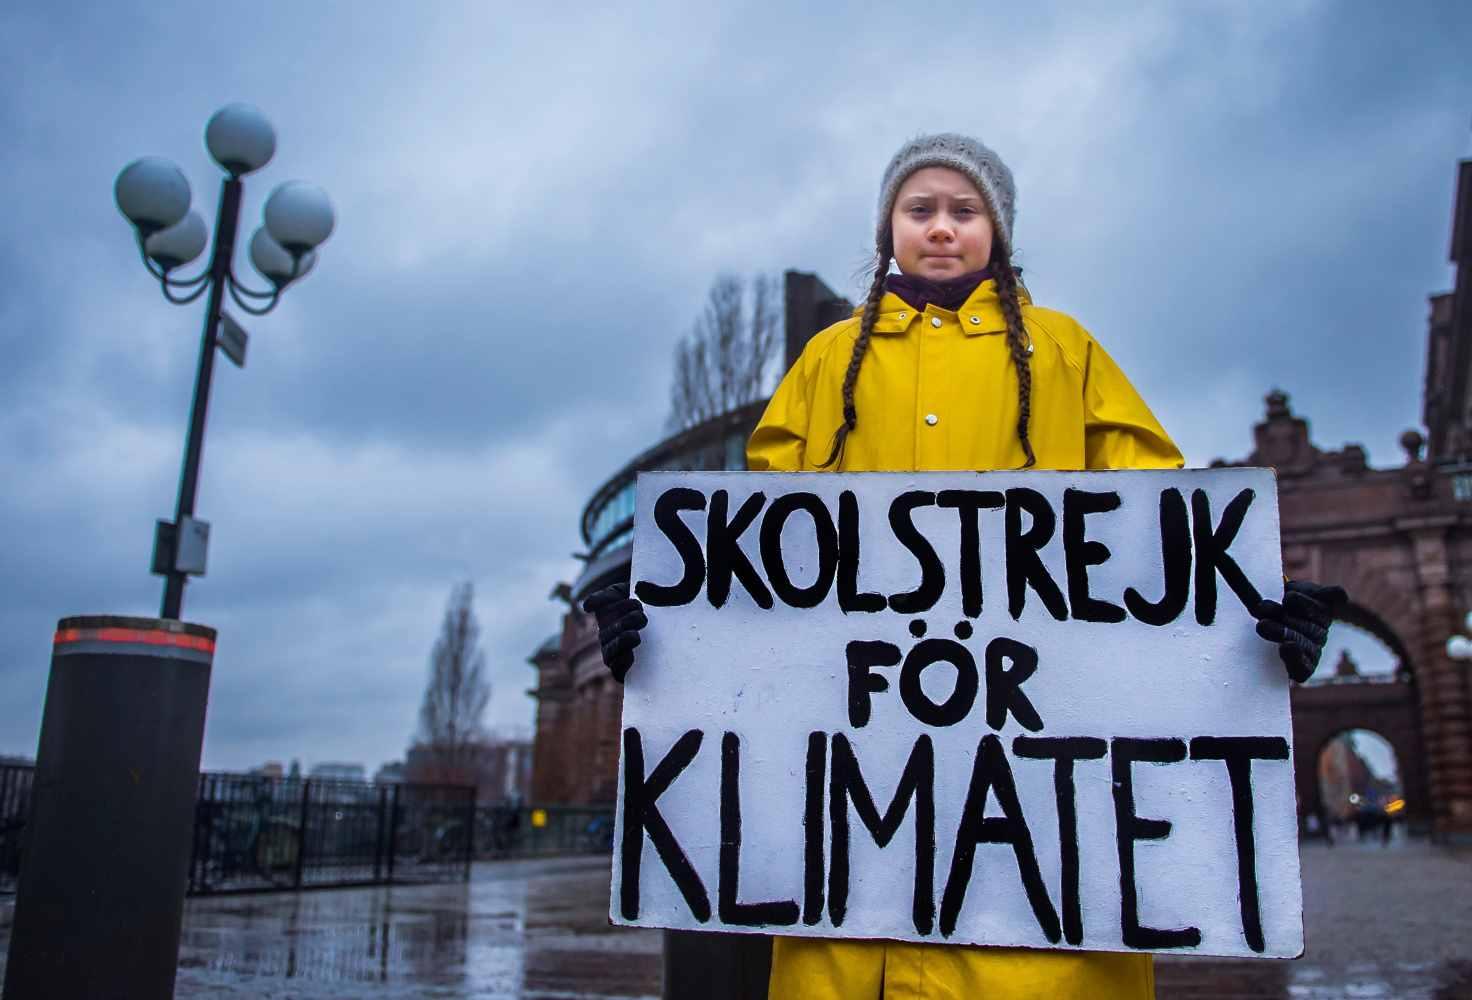 v-20-rossijskih-gorodah-27-sentyabrya-shkolniki-i-studenty-vyjdut-na-klimaticheskie-protesty